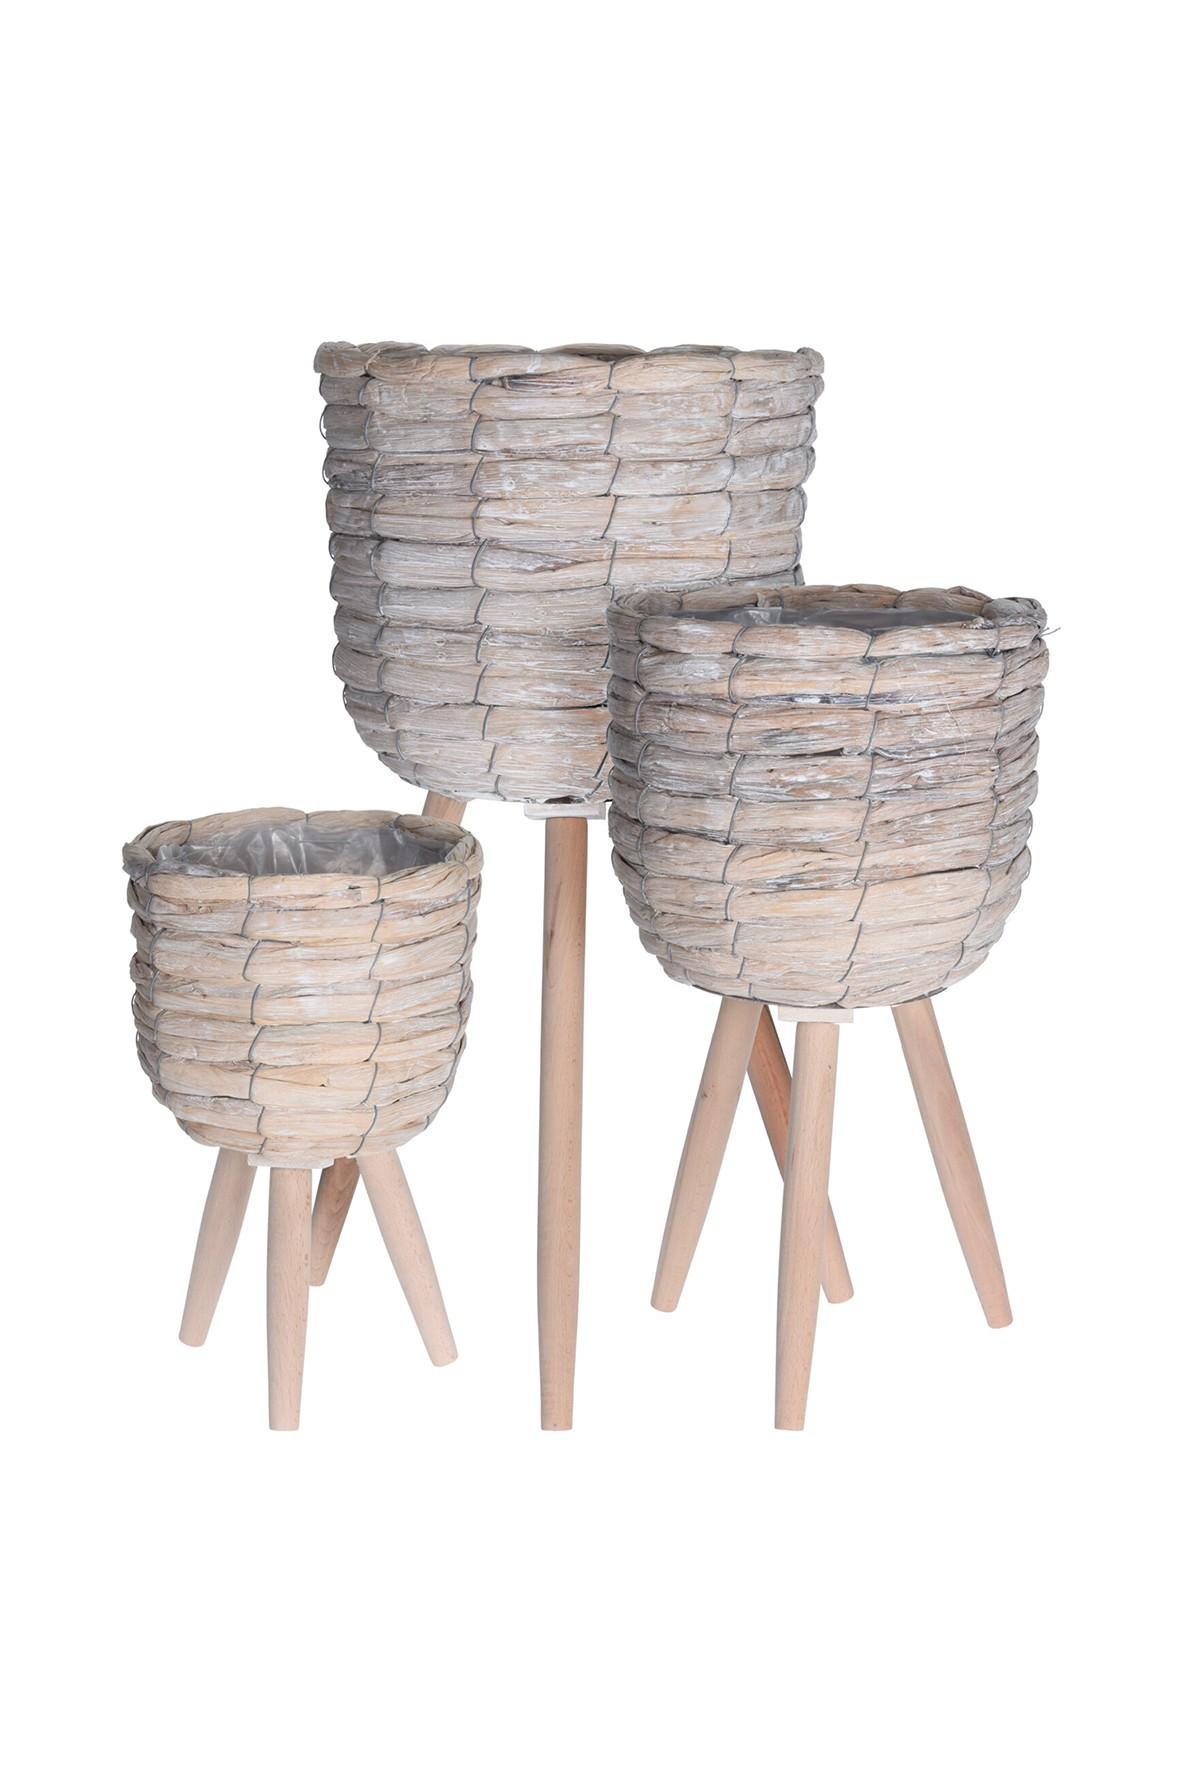 Donice drewniane na 3 nogach - 3szt